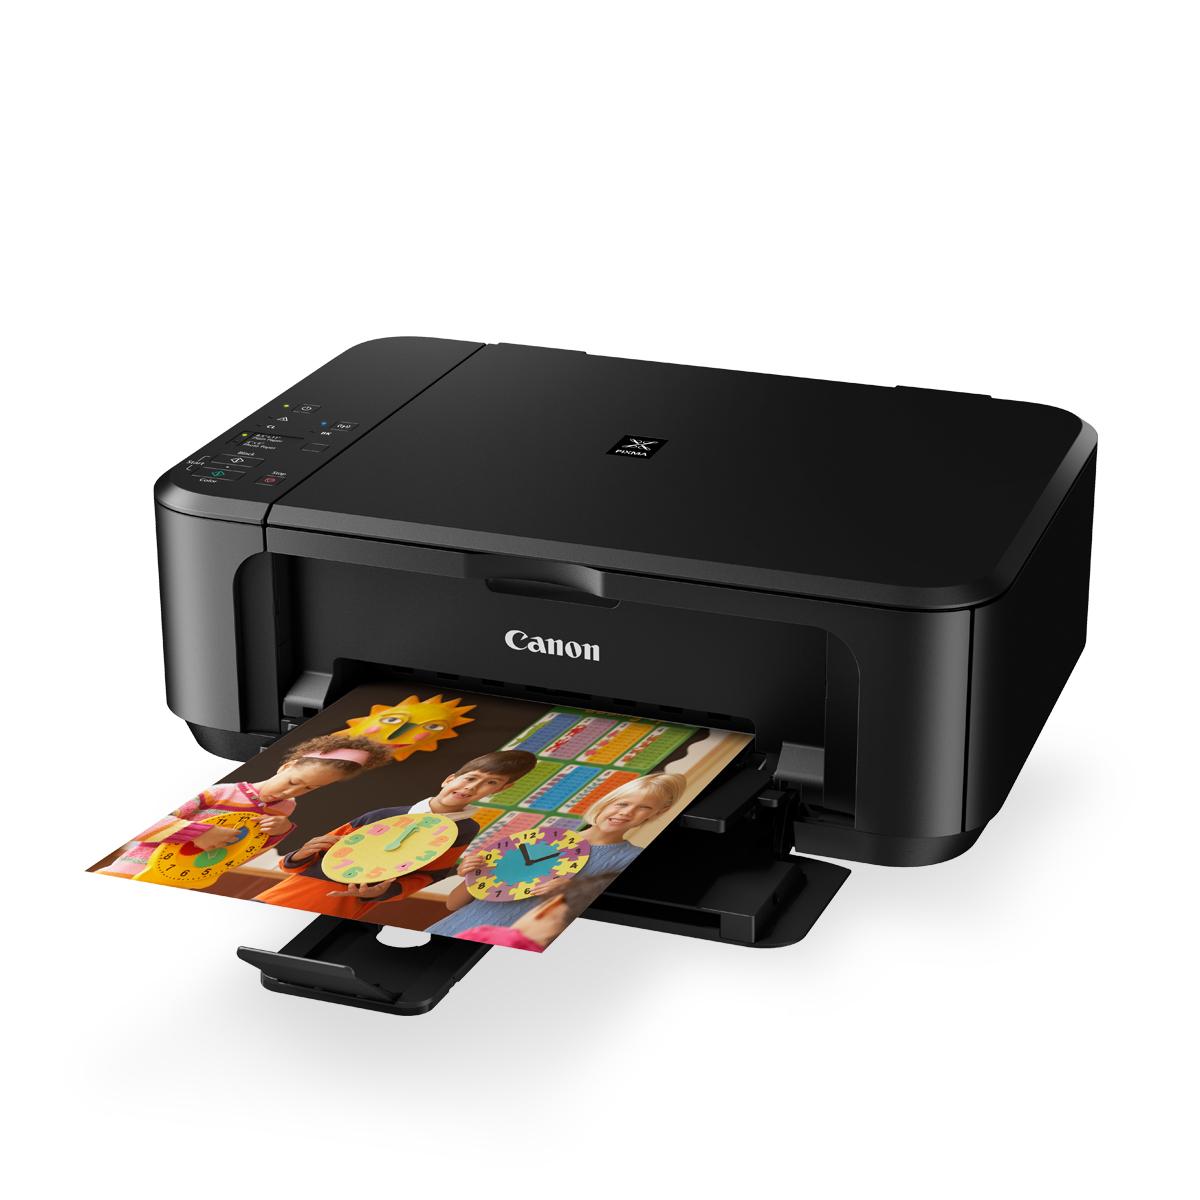 Canon PIXMA MG3560 printer